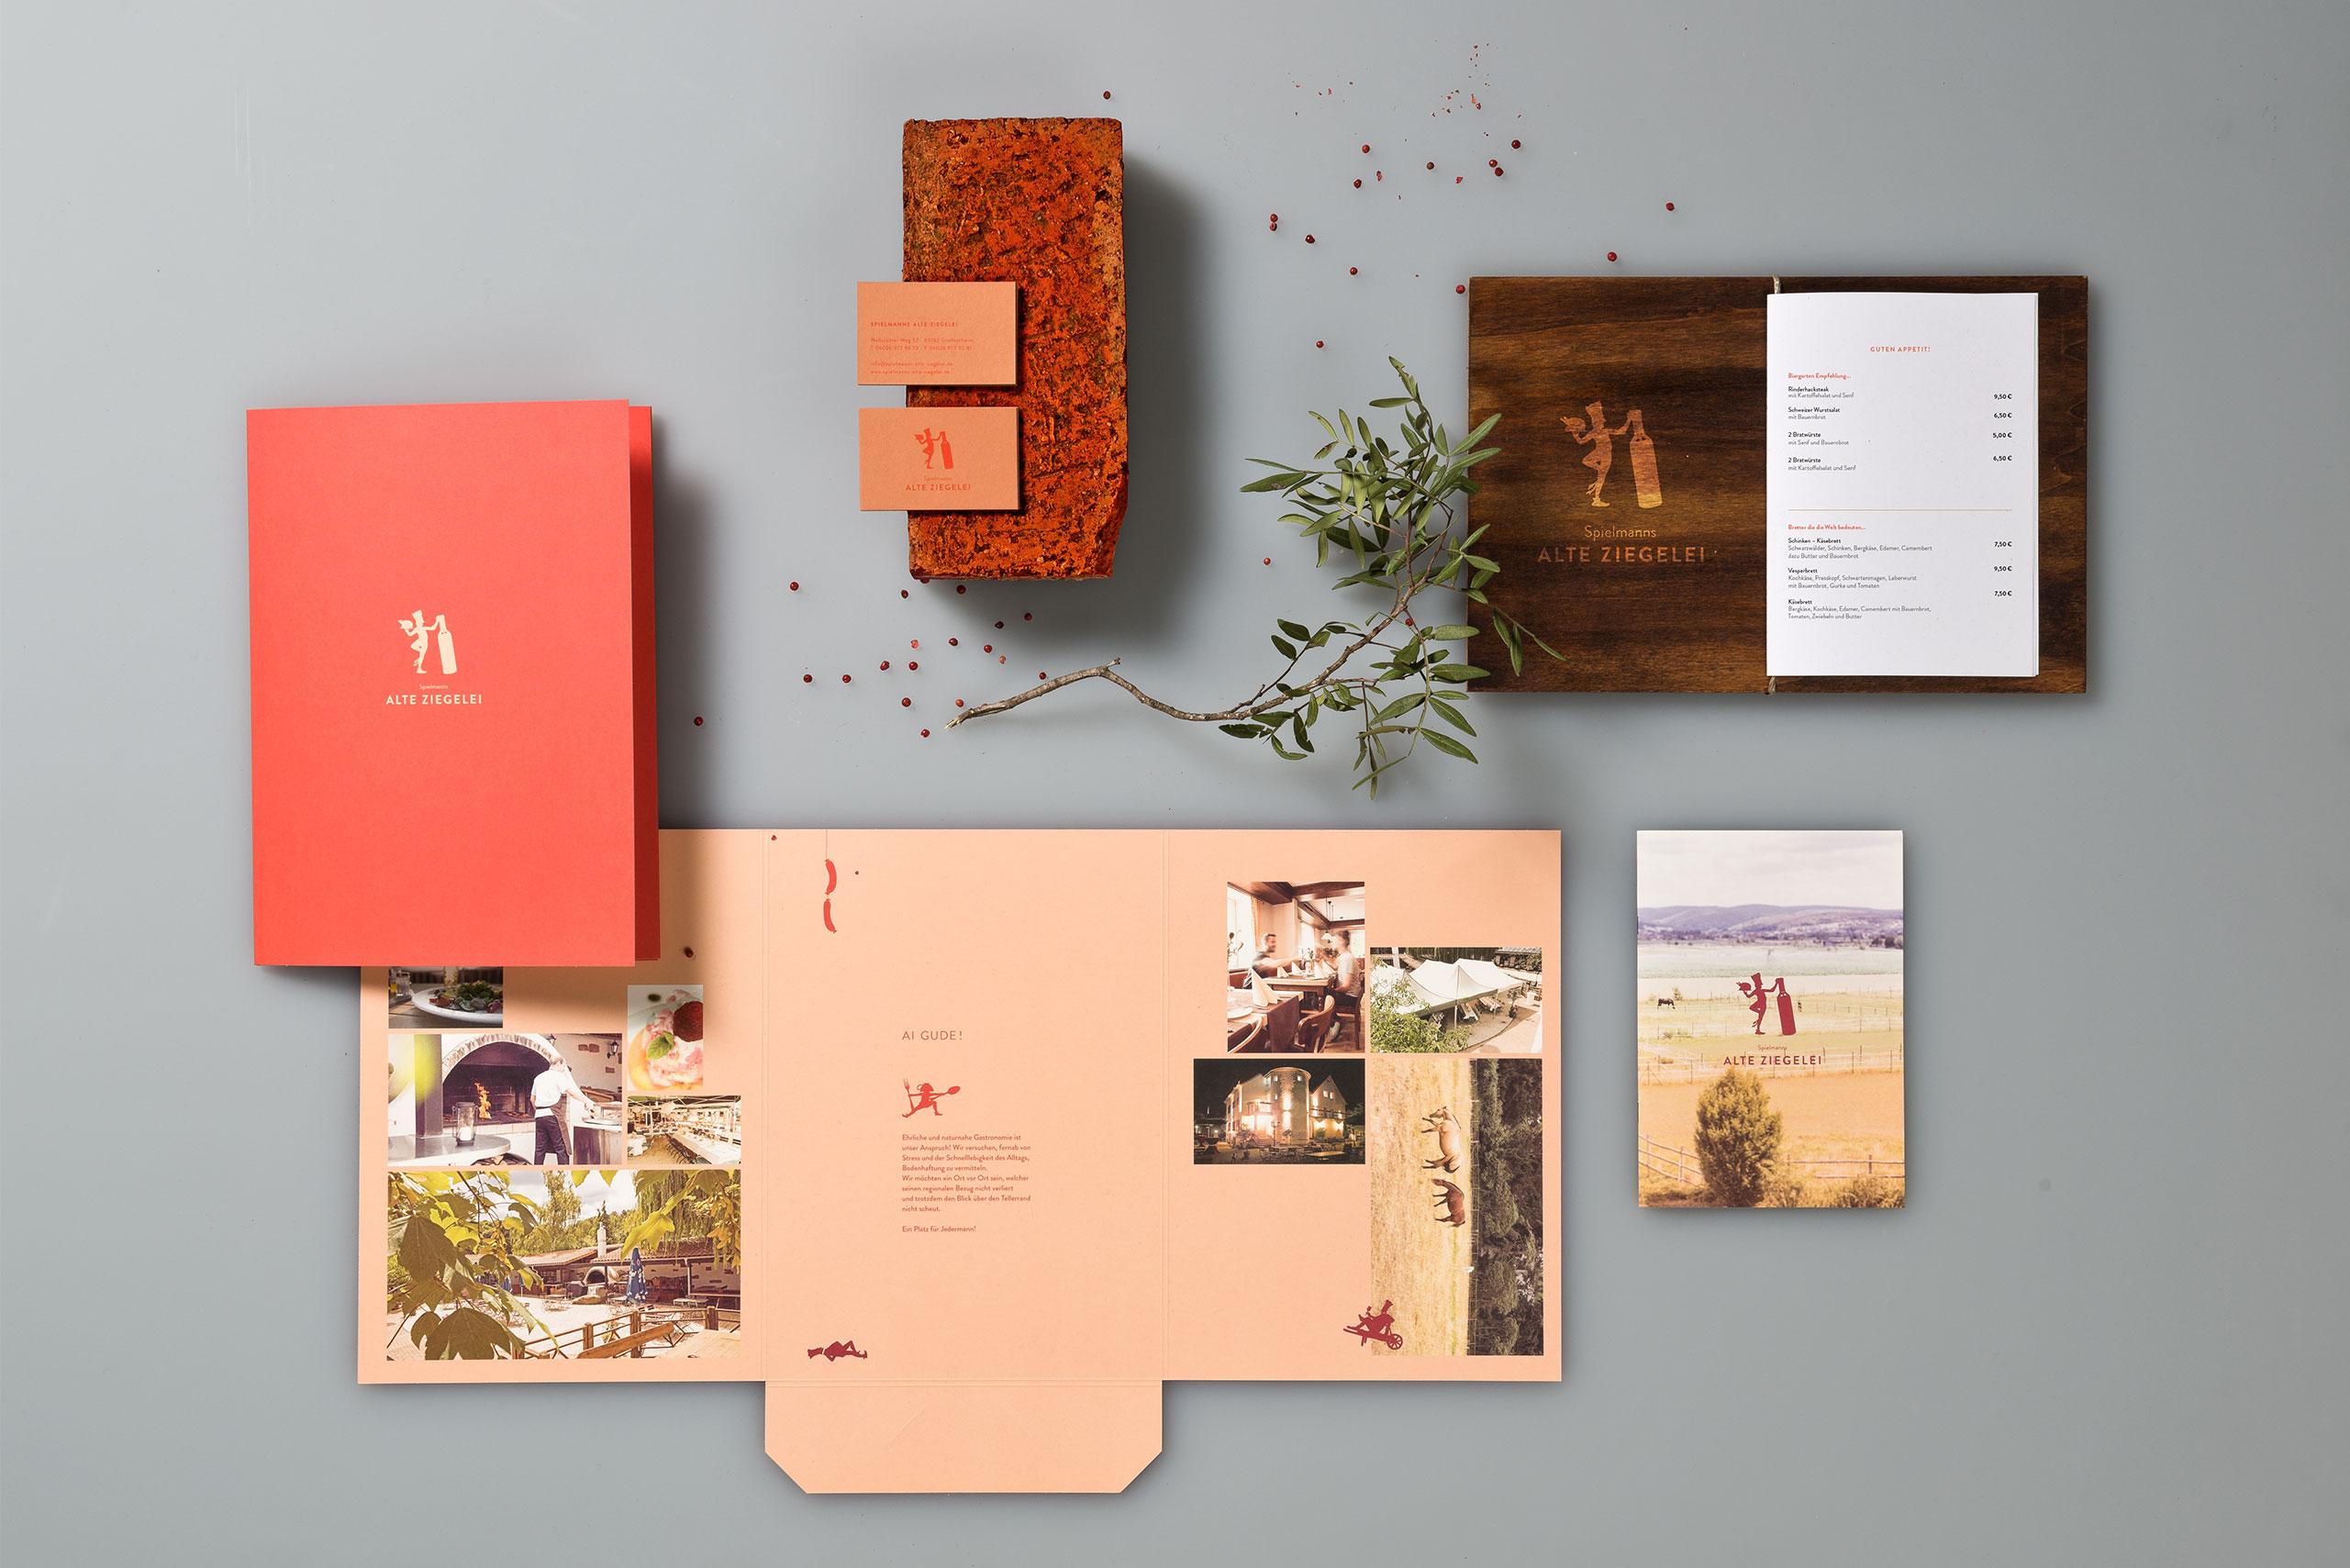 Mappe, Visitenkarten, Speisekarte, Illustration, Biergarten, Restaurant